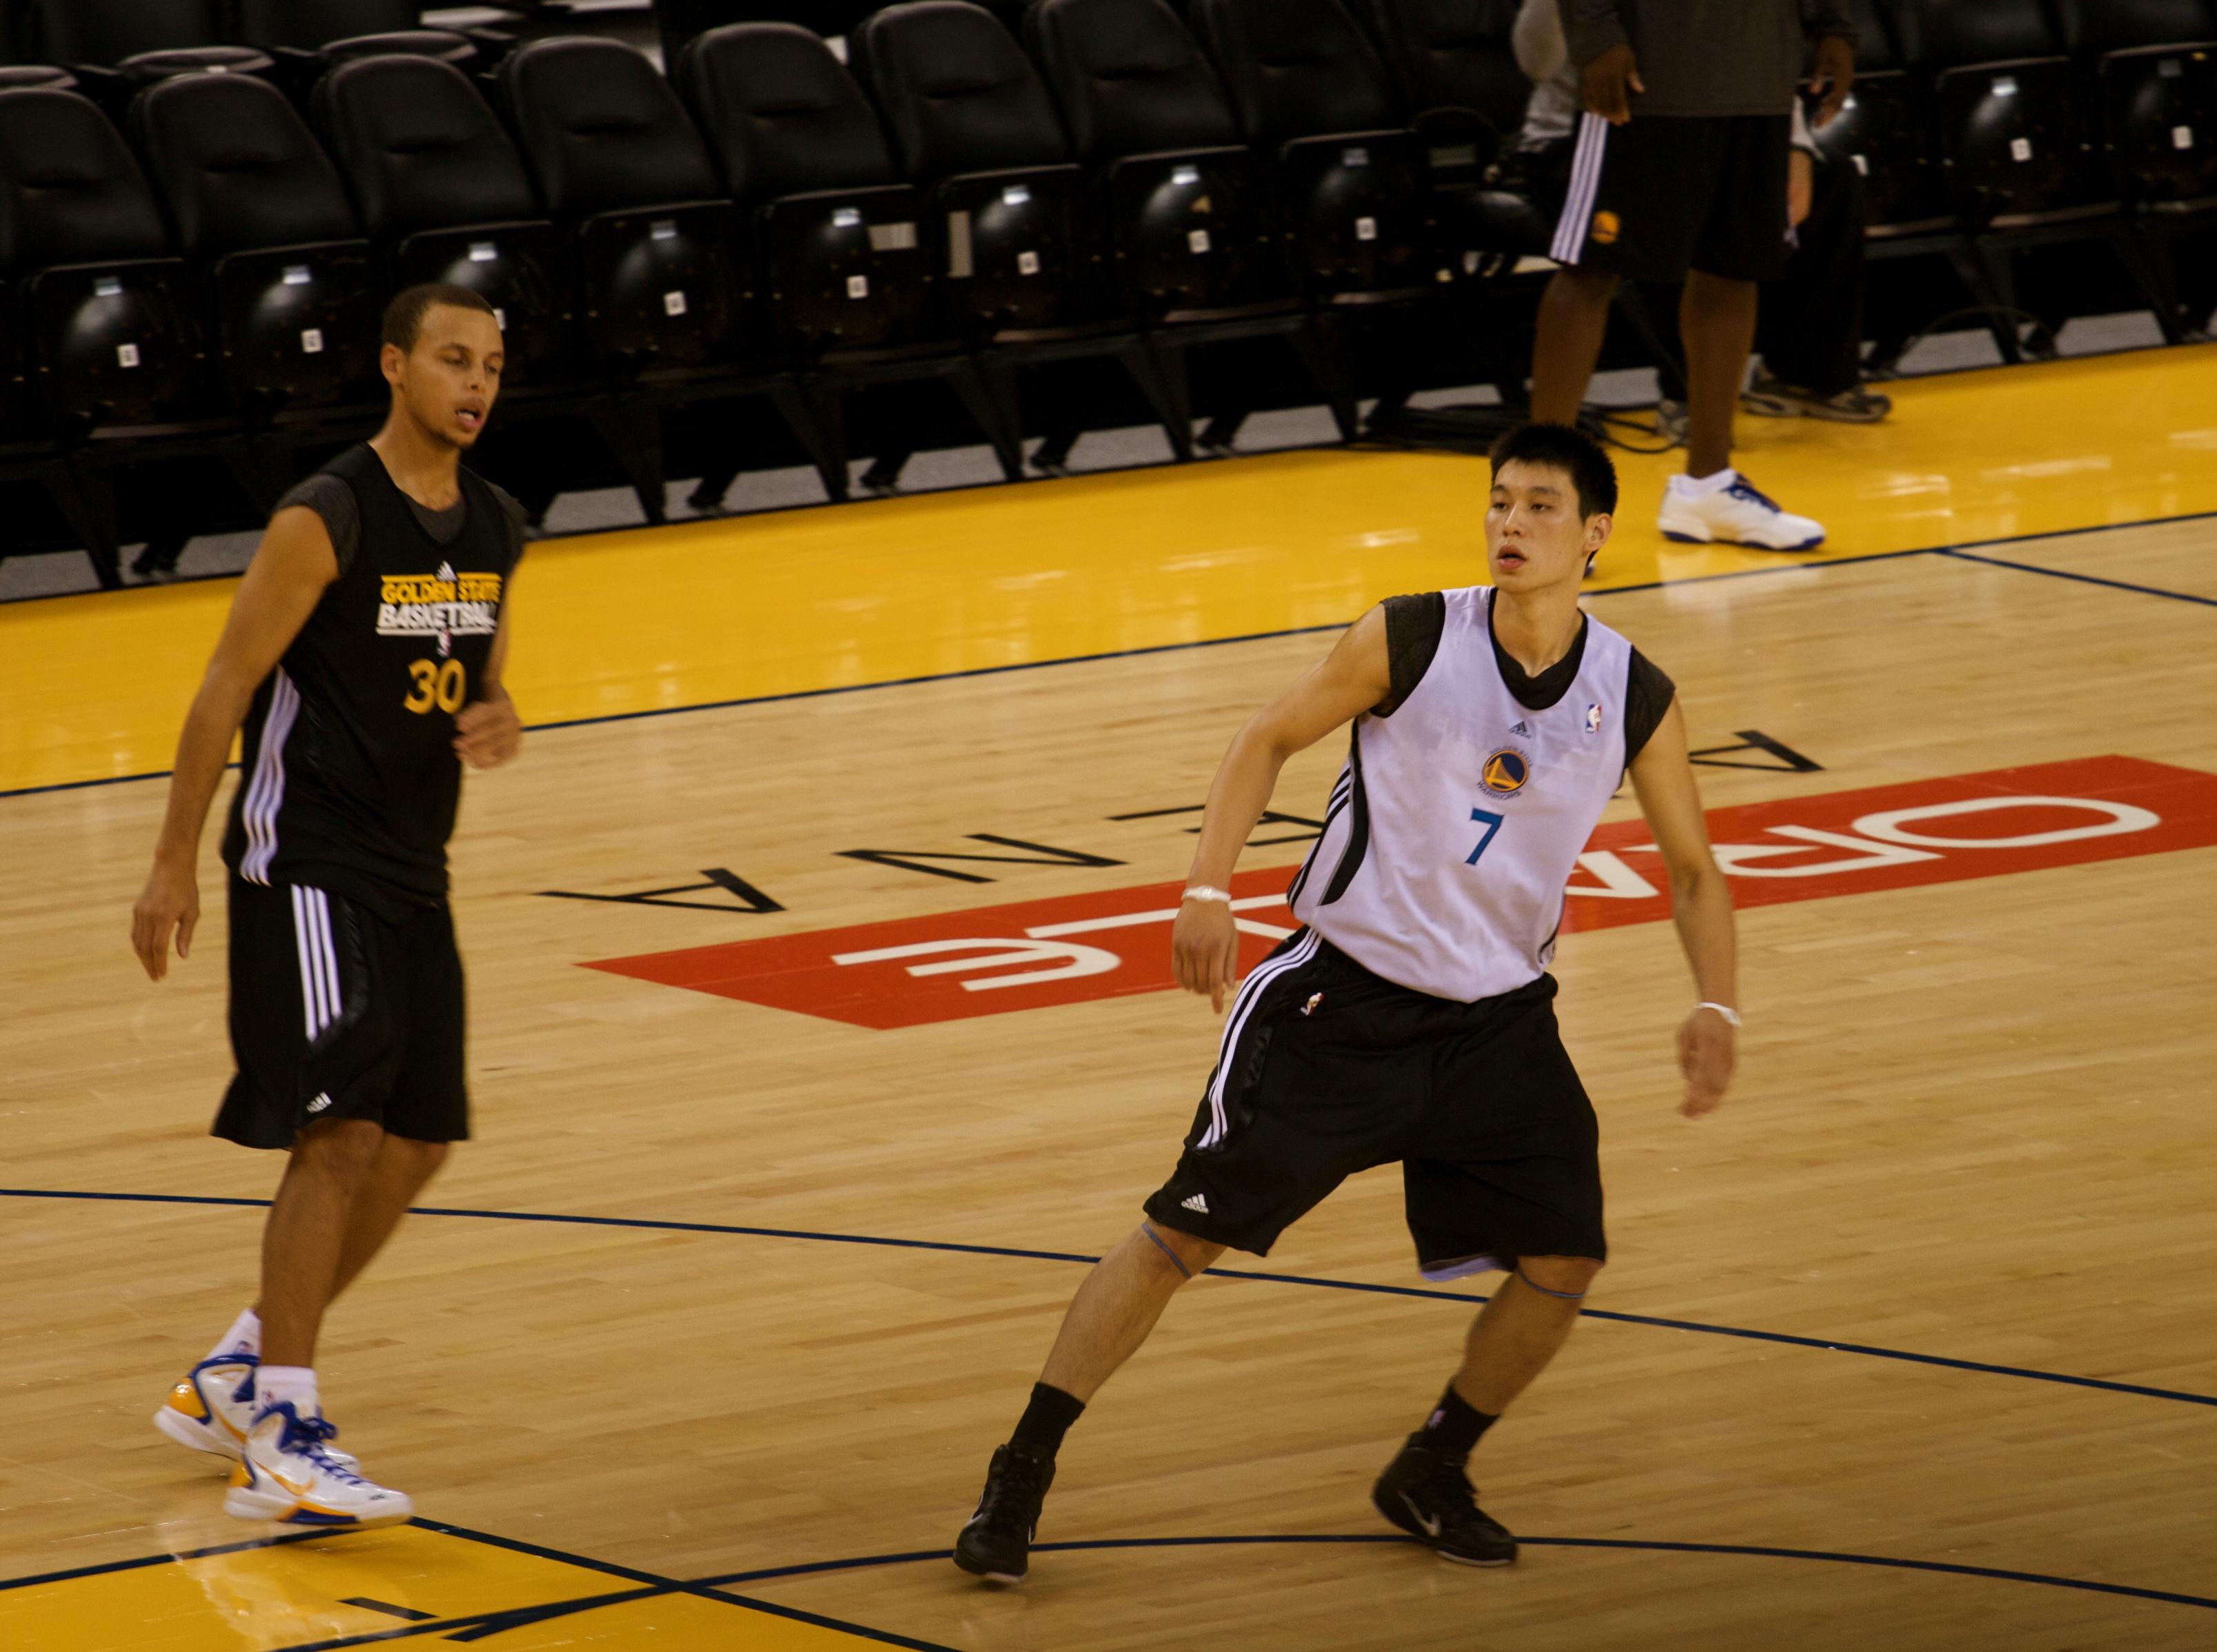 Jeremy Lin và câu chuyện cổ tích mang tên ''Linsanity''